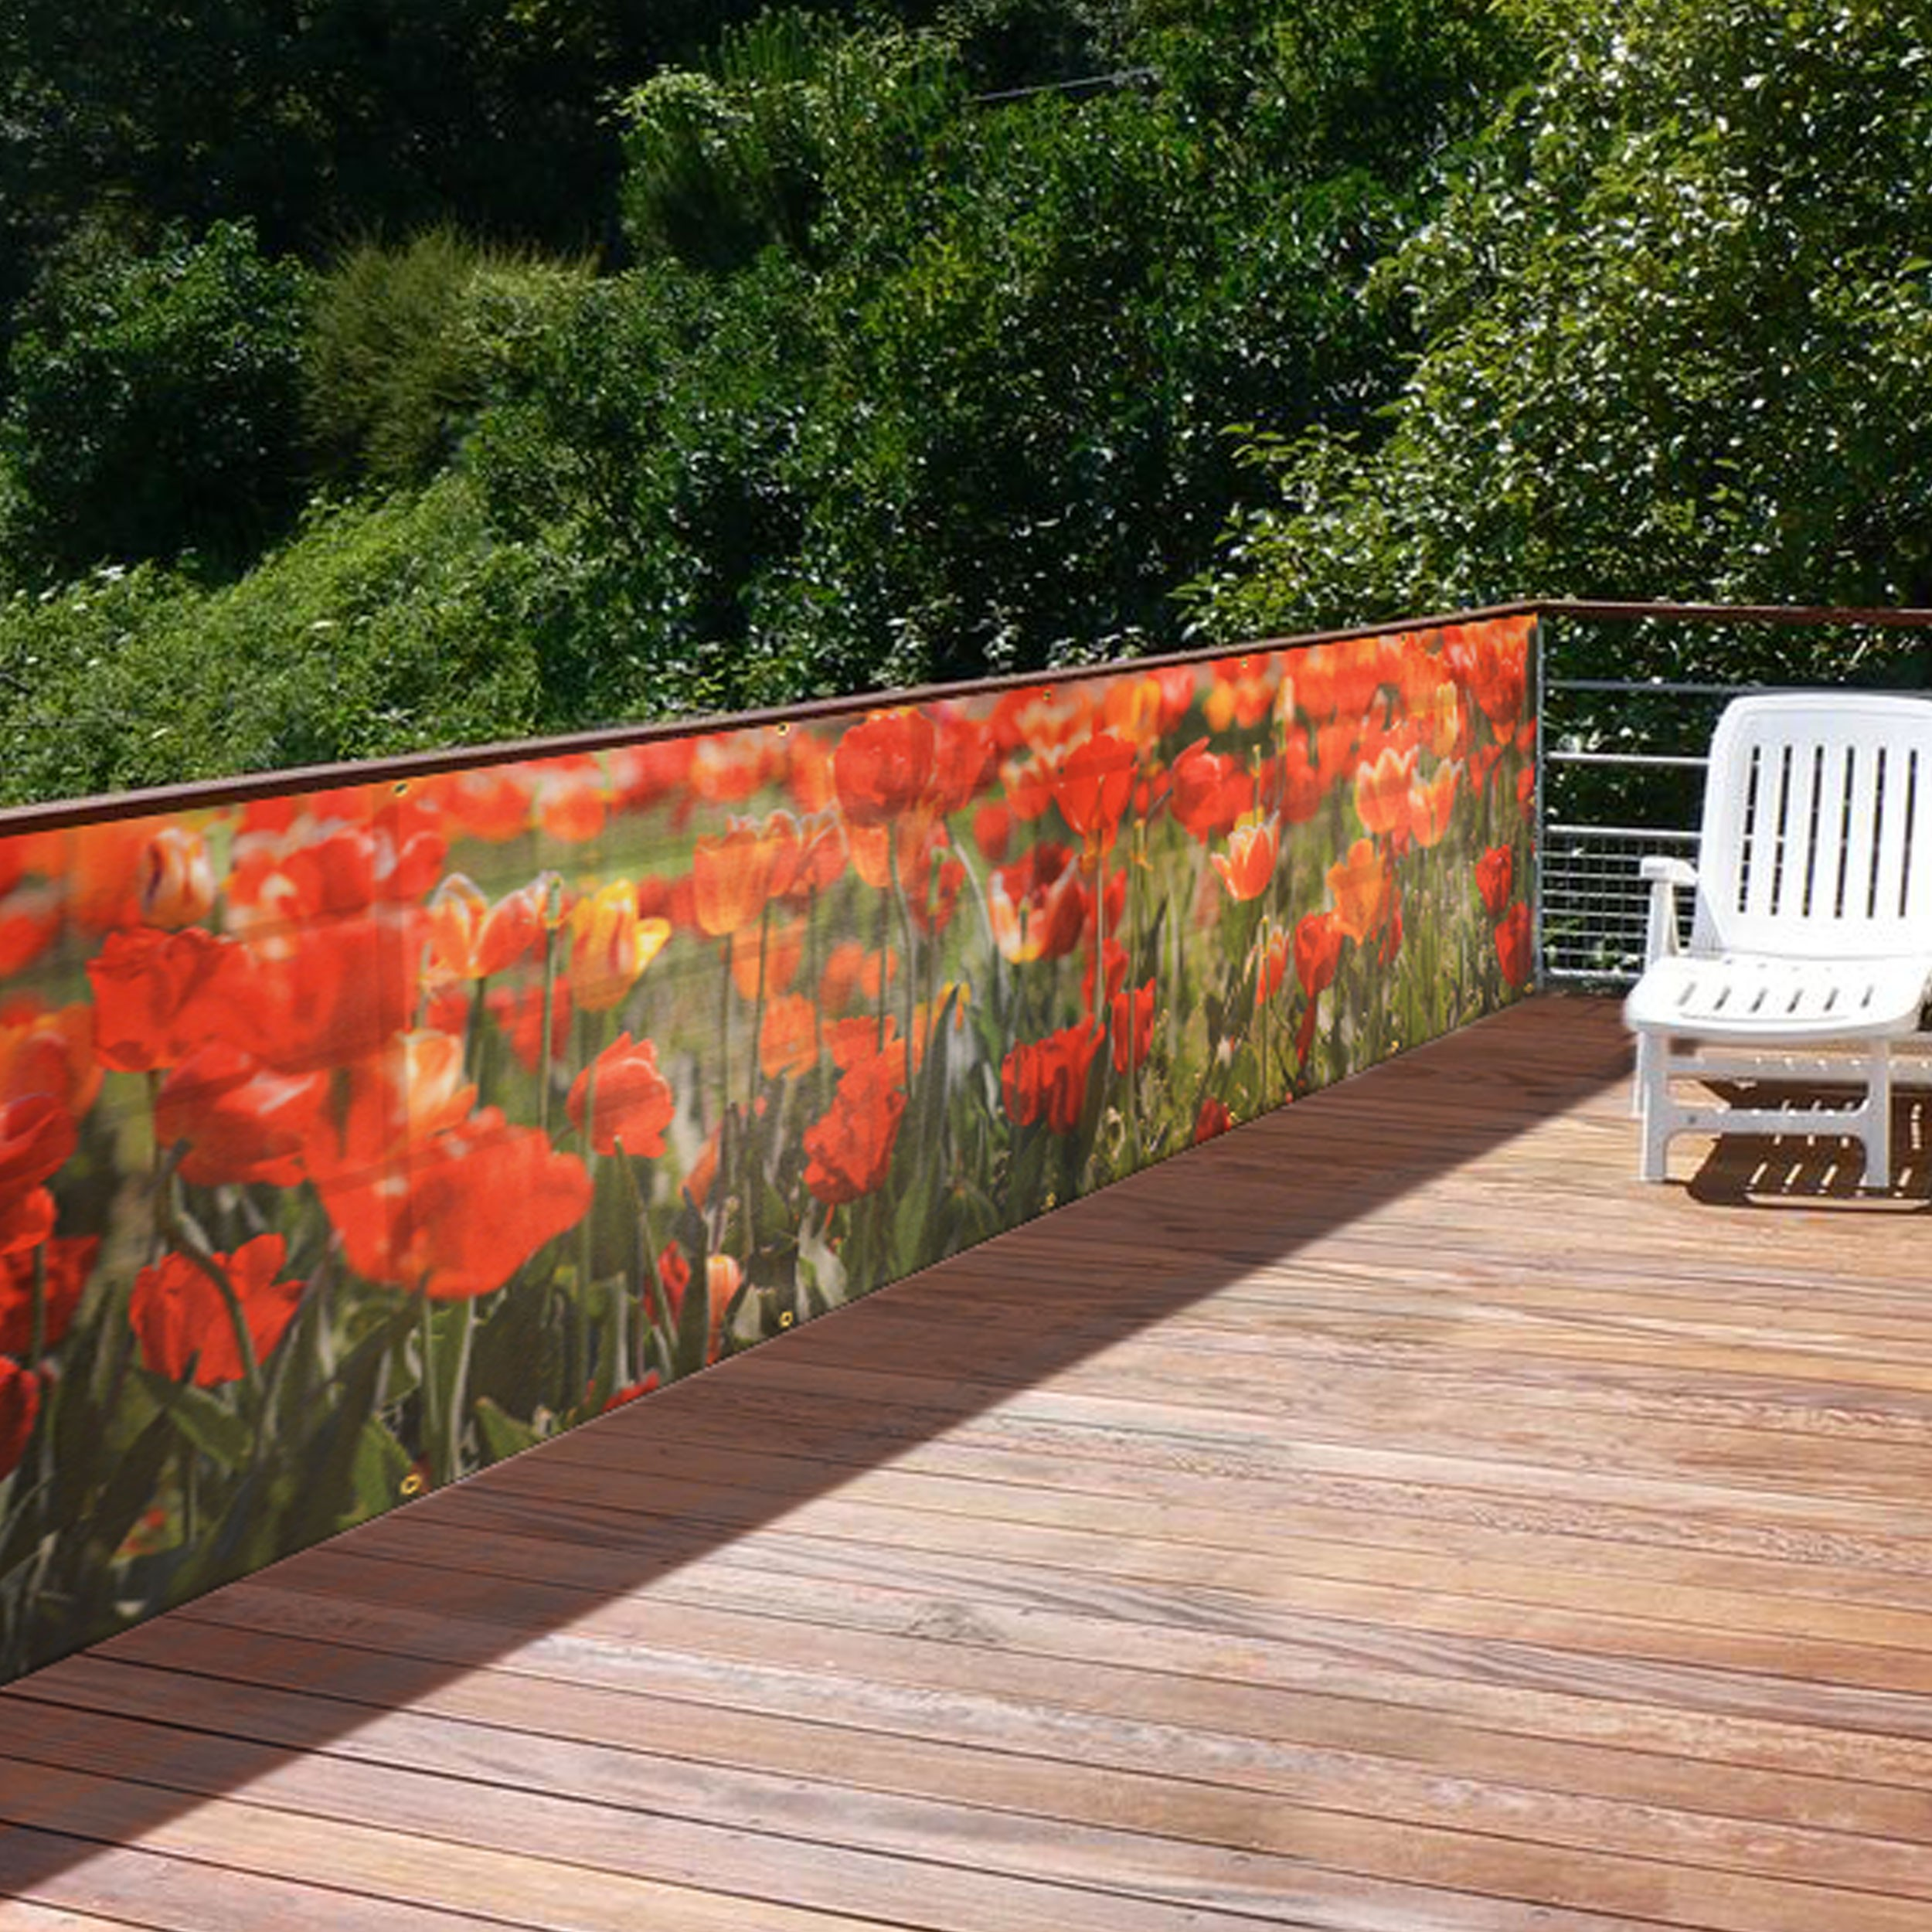 Brise vue de jardin coquelicots choisissez nos brise vue de jardin coquelicots design rdv d co - Brise vue jardin belgique ...